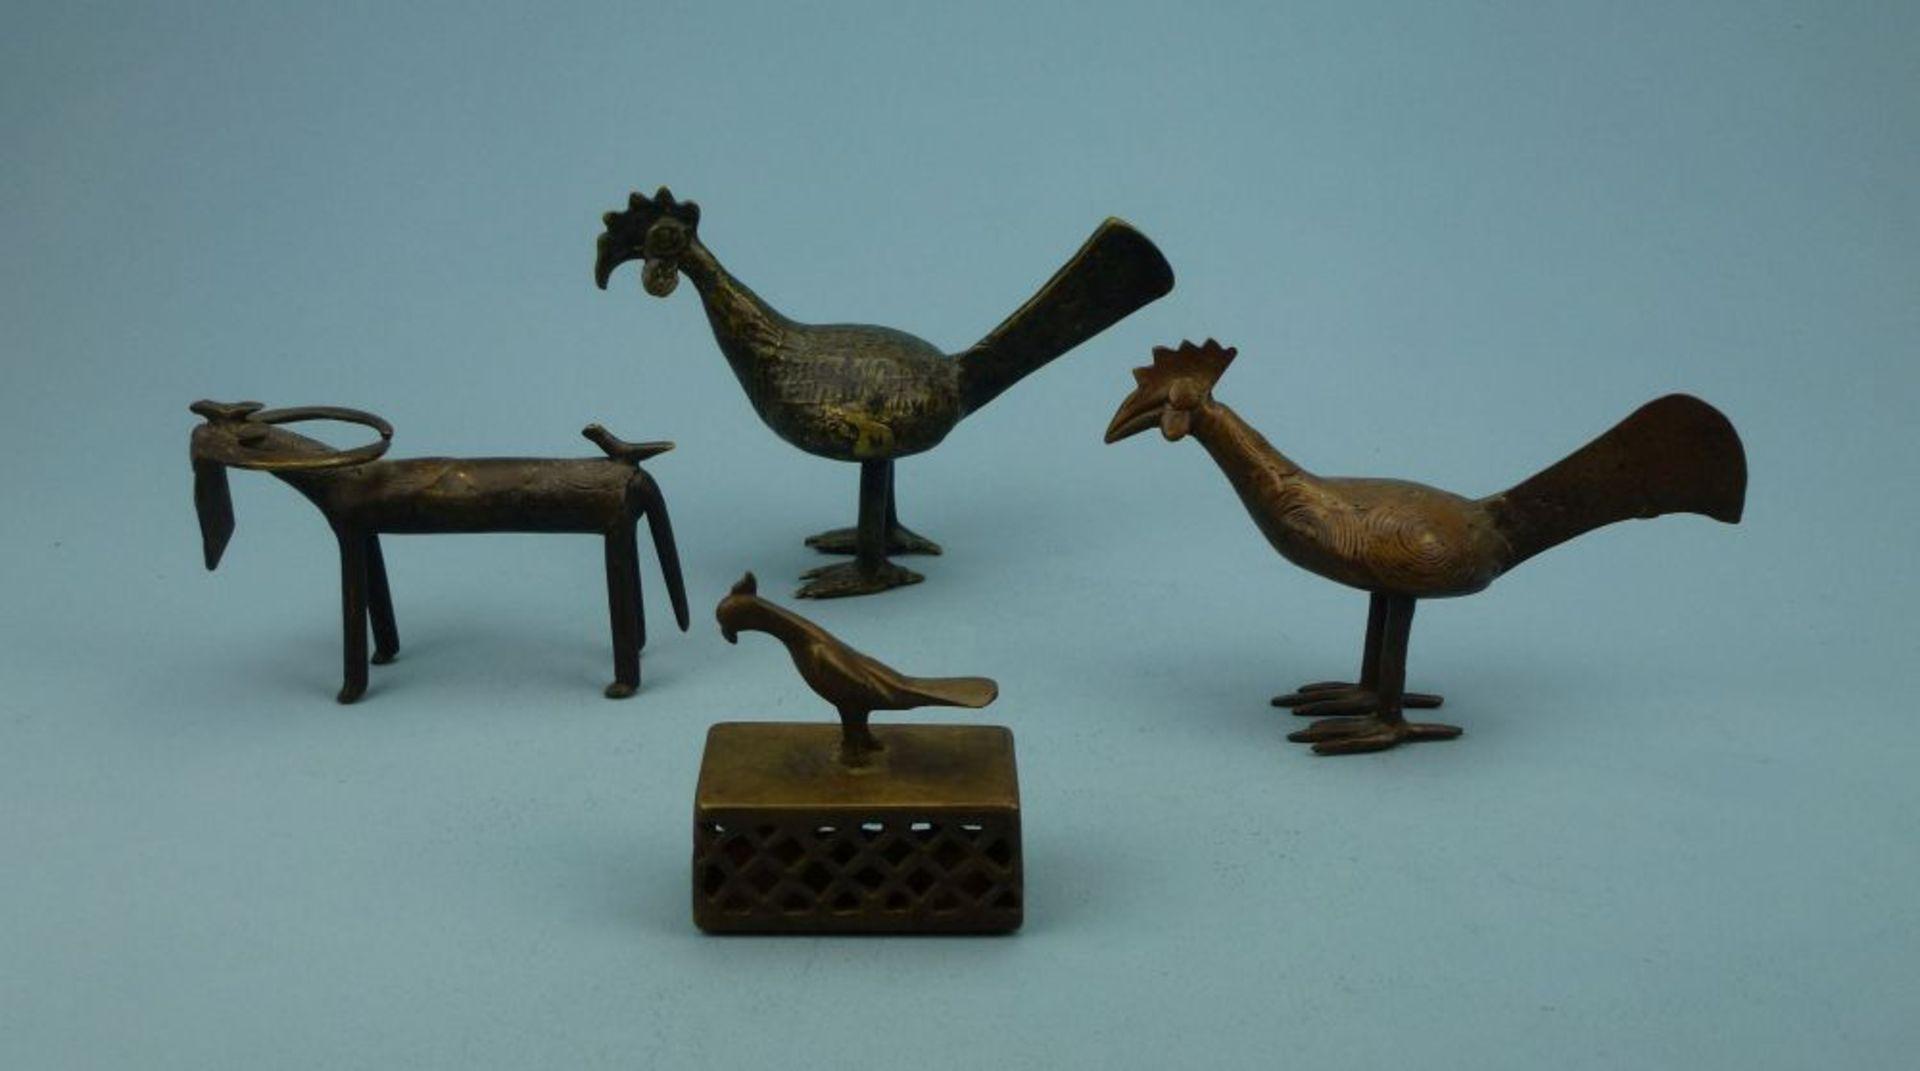 Los 3 - Konvolut Tierfiguren, AsienBronze: 2 Hähne, Büffel, Tischschelle m. Vogelgriff, H 7-12 cm